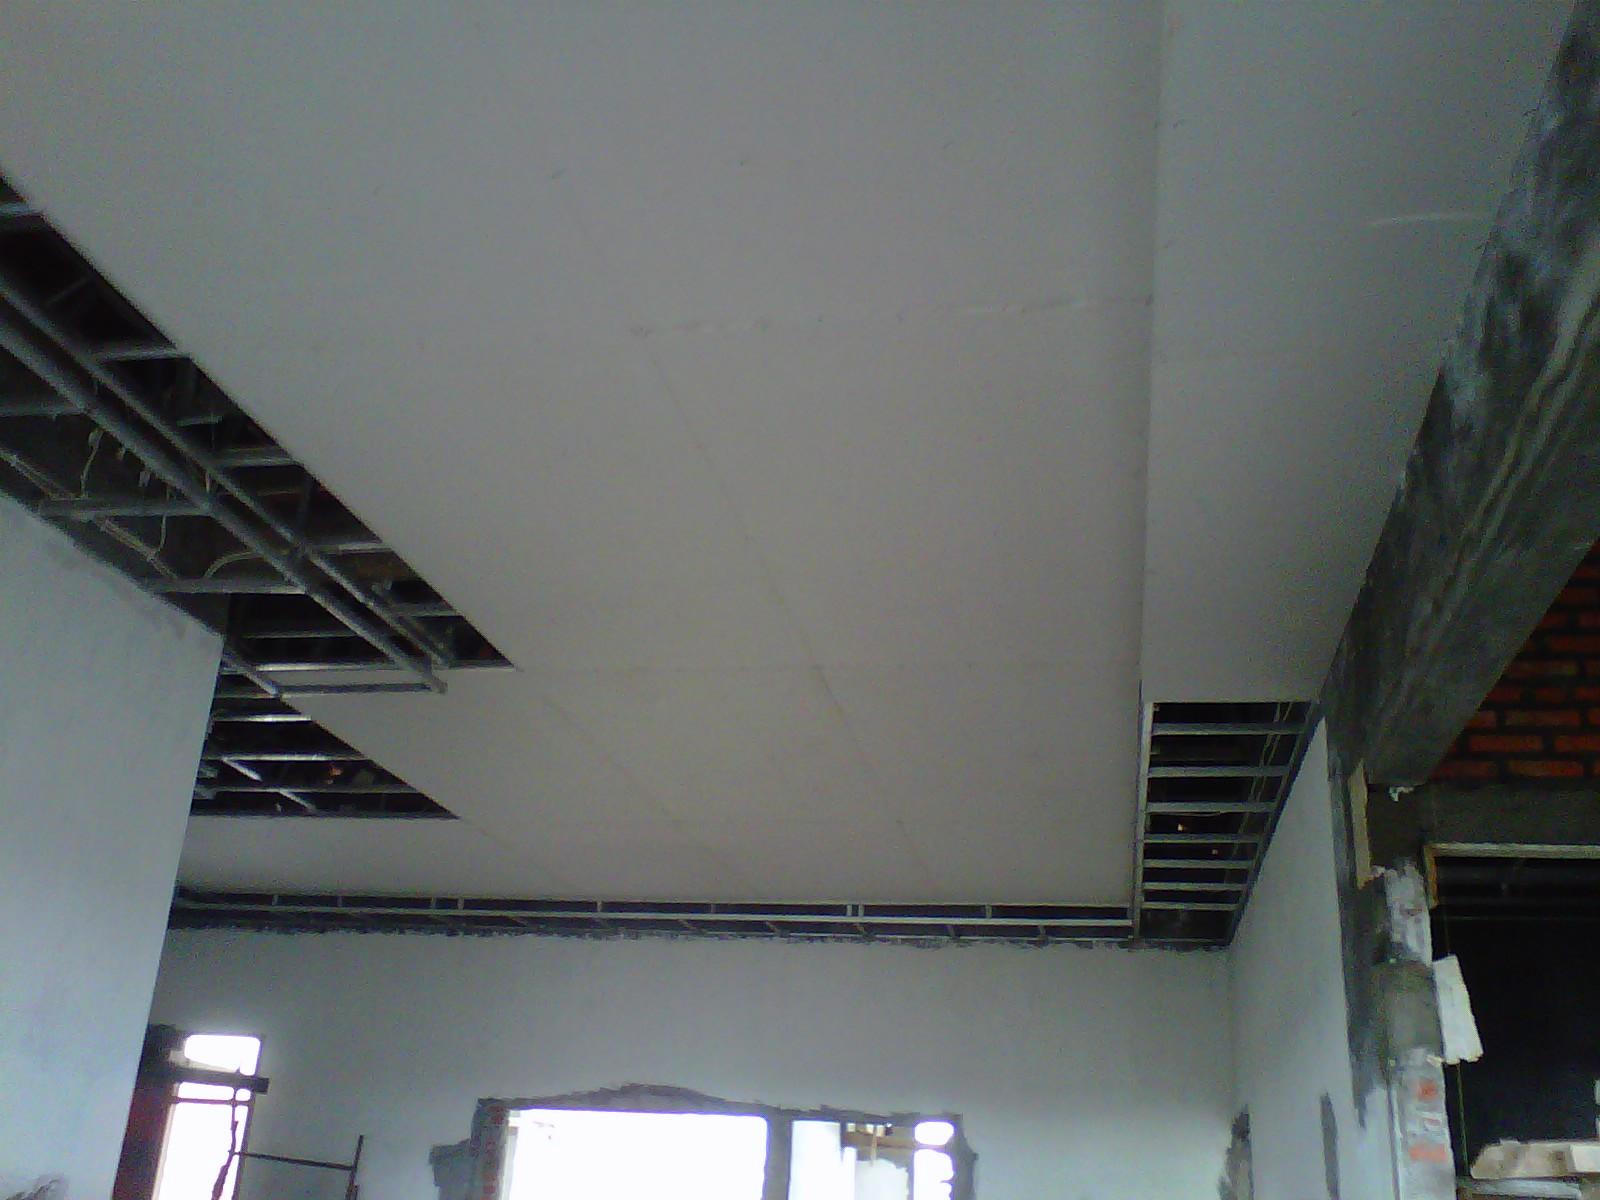 Harga Rangka Atap Baja Ringan Rayan Nusantara Galvalum: Teknik Pemasangan Plafon ...